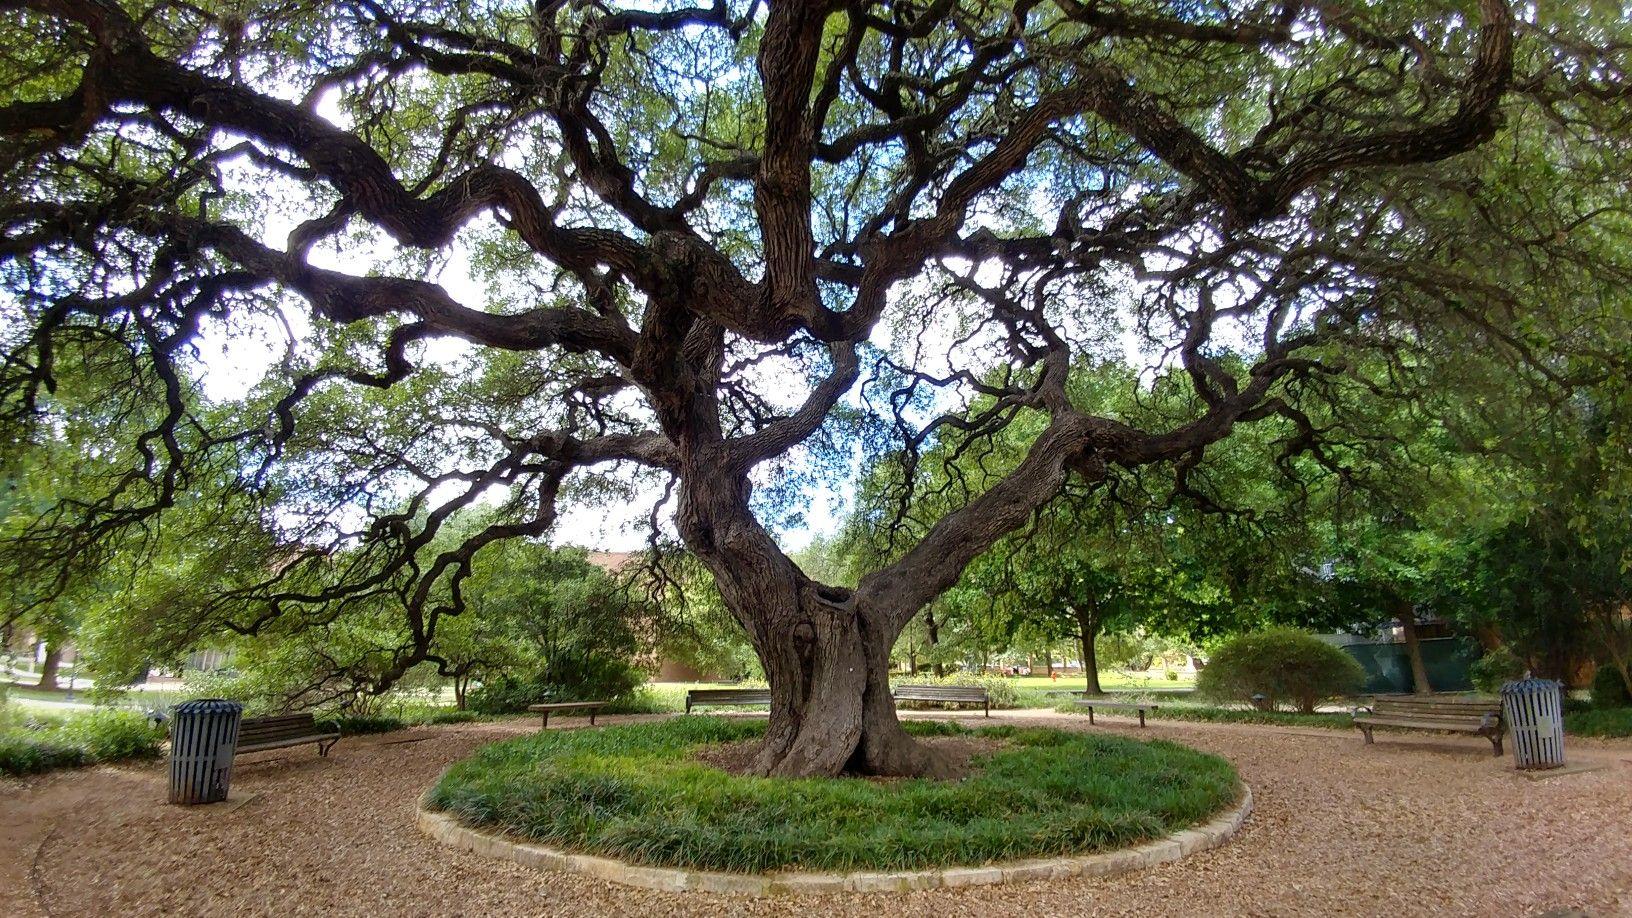 The Mighty Sorin Oak At St Edwards University St Edwards University Plants